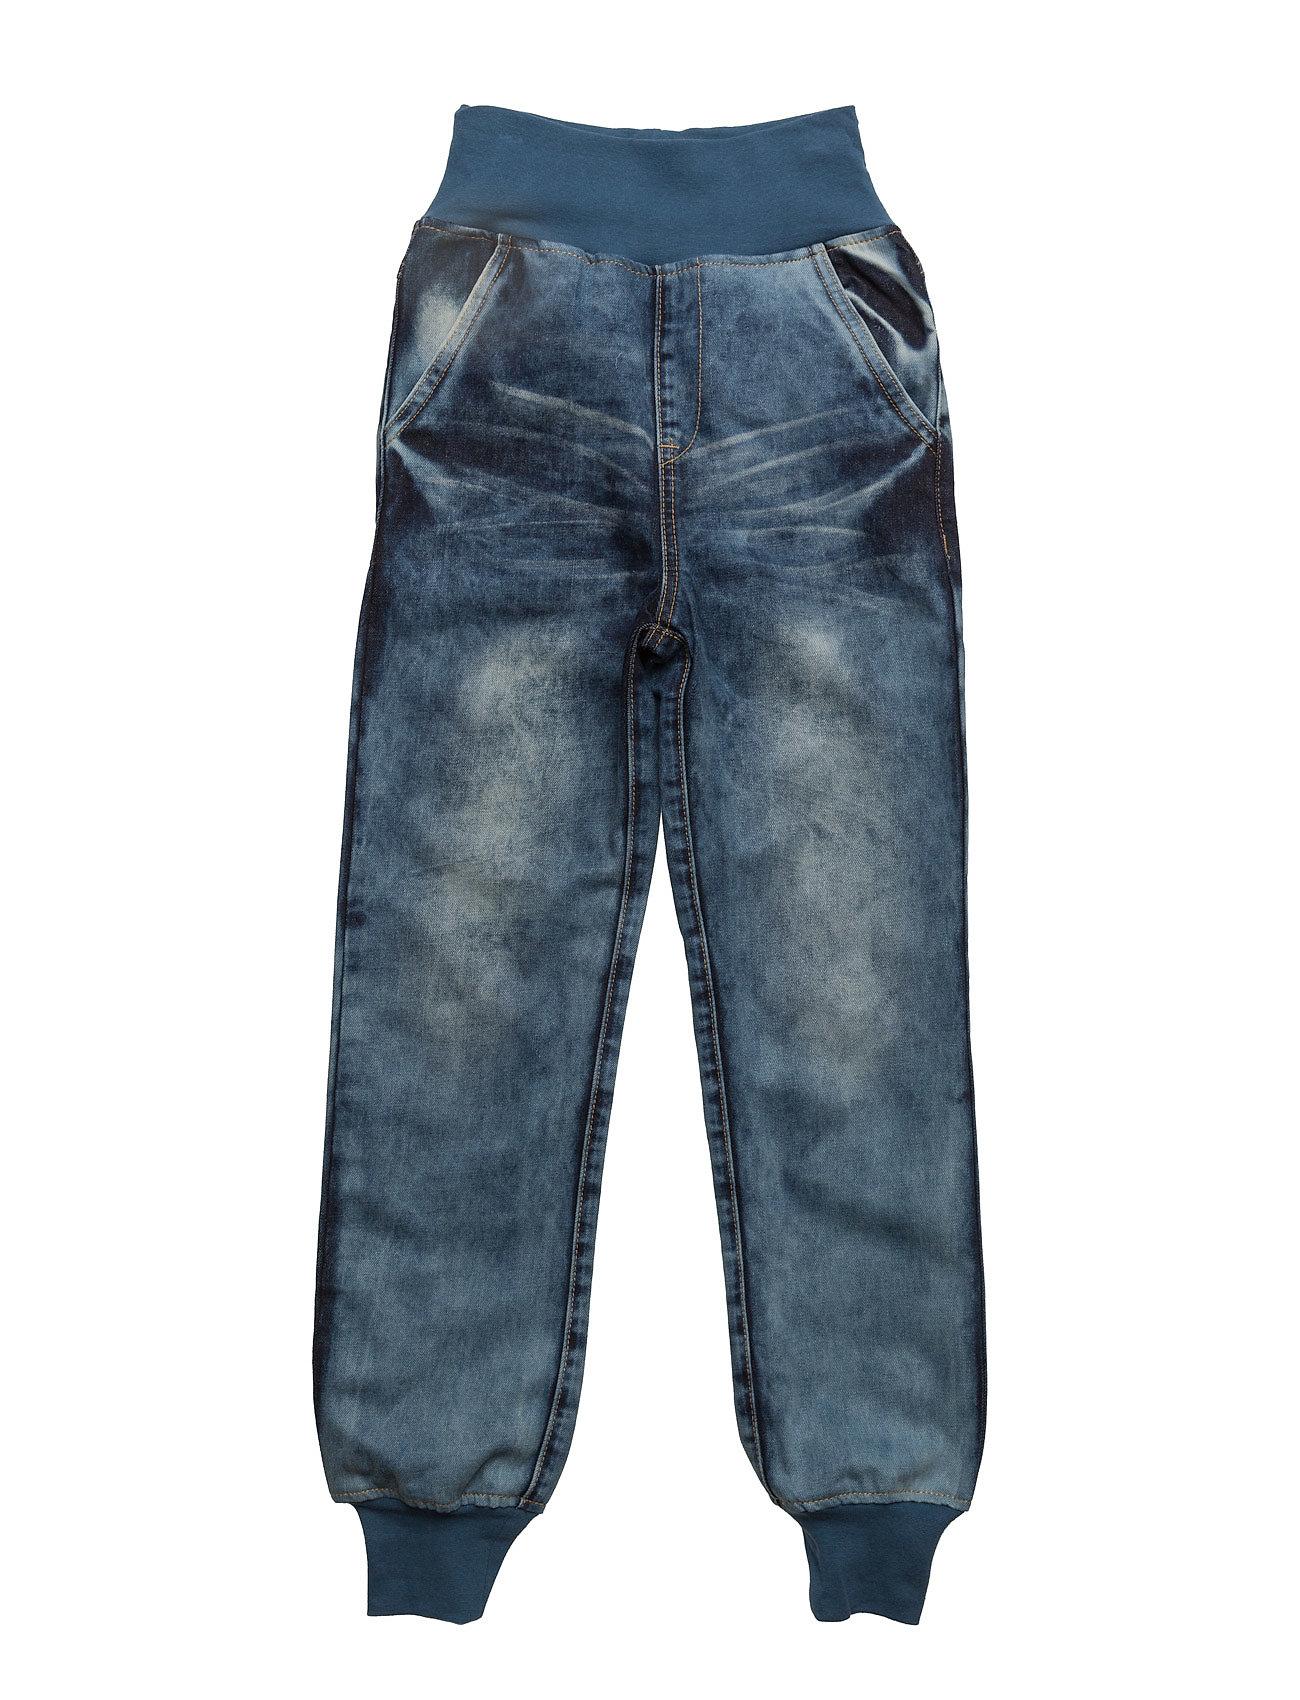 Buckle Ss17 NOVA STAR Jeans til Børn i Blå